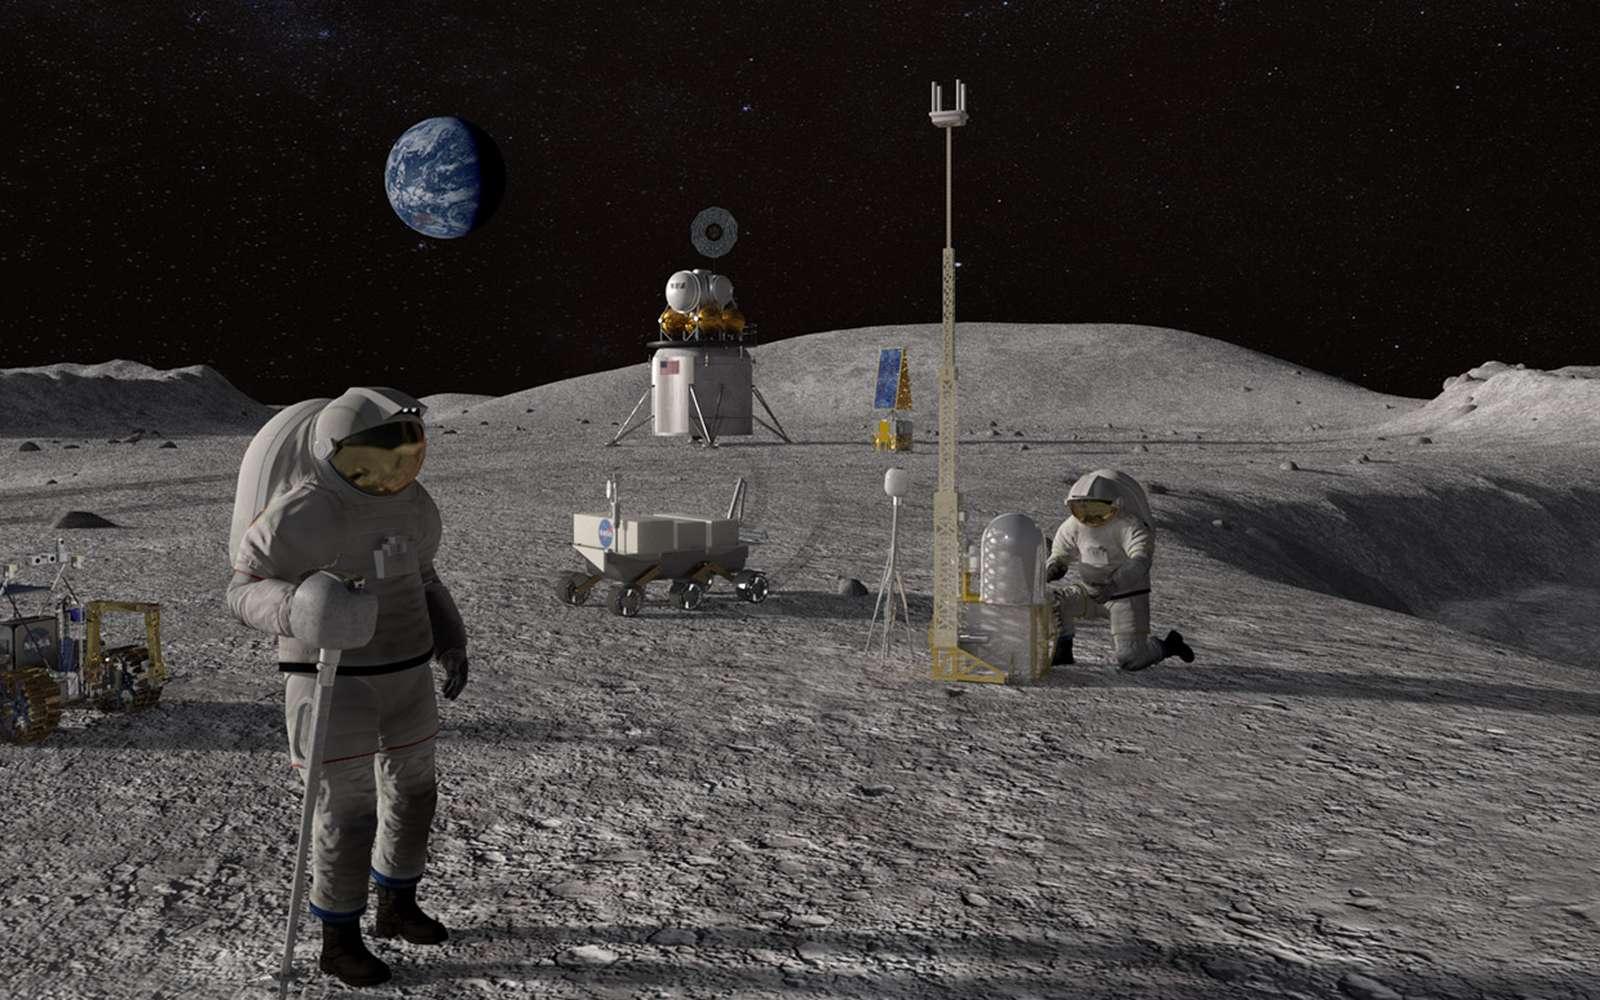 Neil Armstrong a été le premier homme à marcher sur la Lune. Qui sera la première femme ? La Nasa se réserve le droit de choisir parmi les cinq astronautes féminines de l'équipe Artemis nouvellement nommée. © Nasa